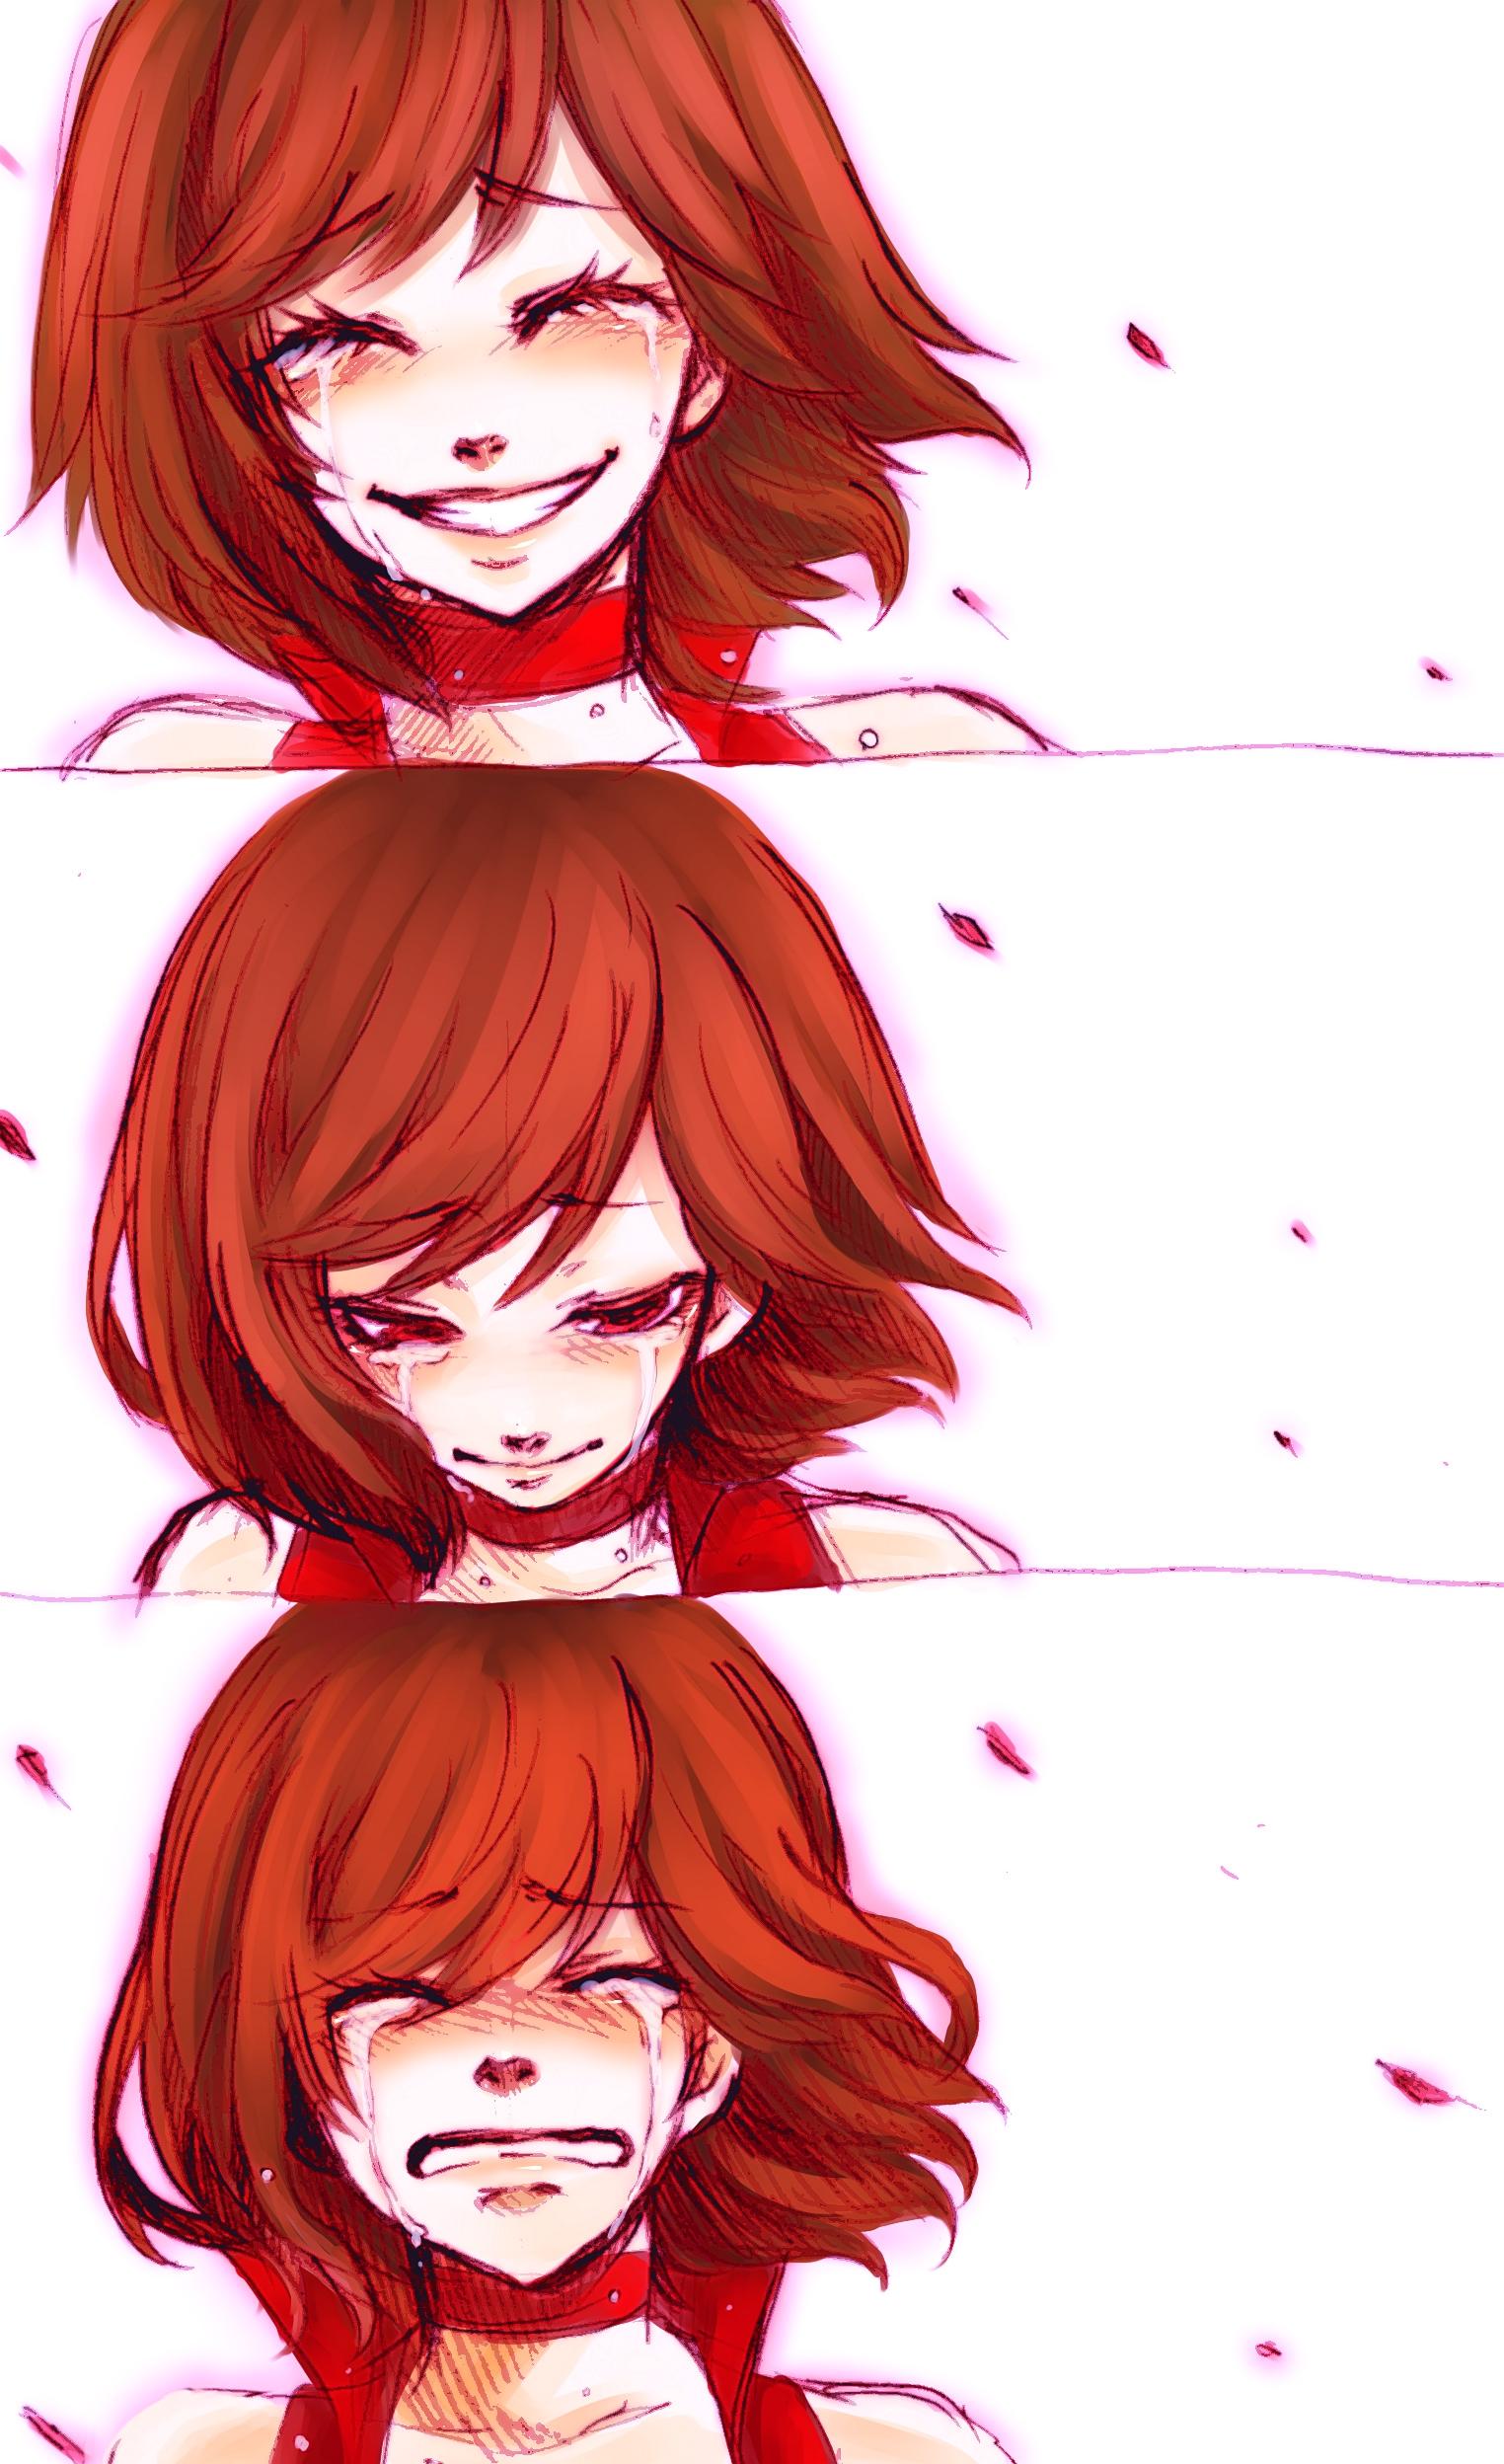 Hatsune miku angry